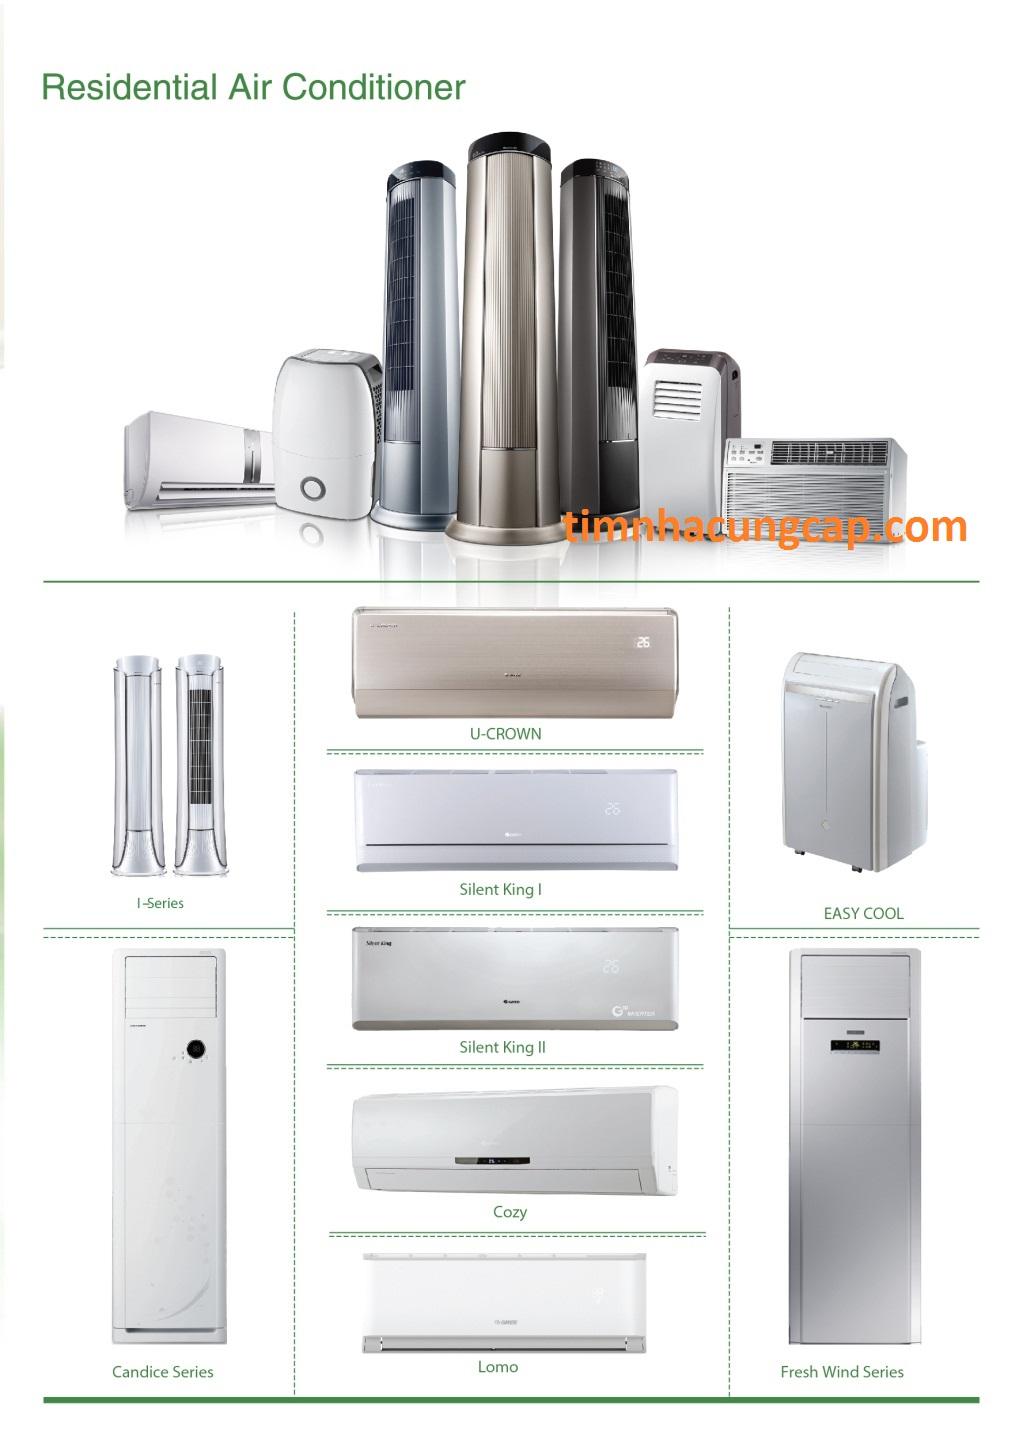 Tìm nhà cung cấp máy lạnh dự án